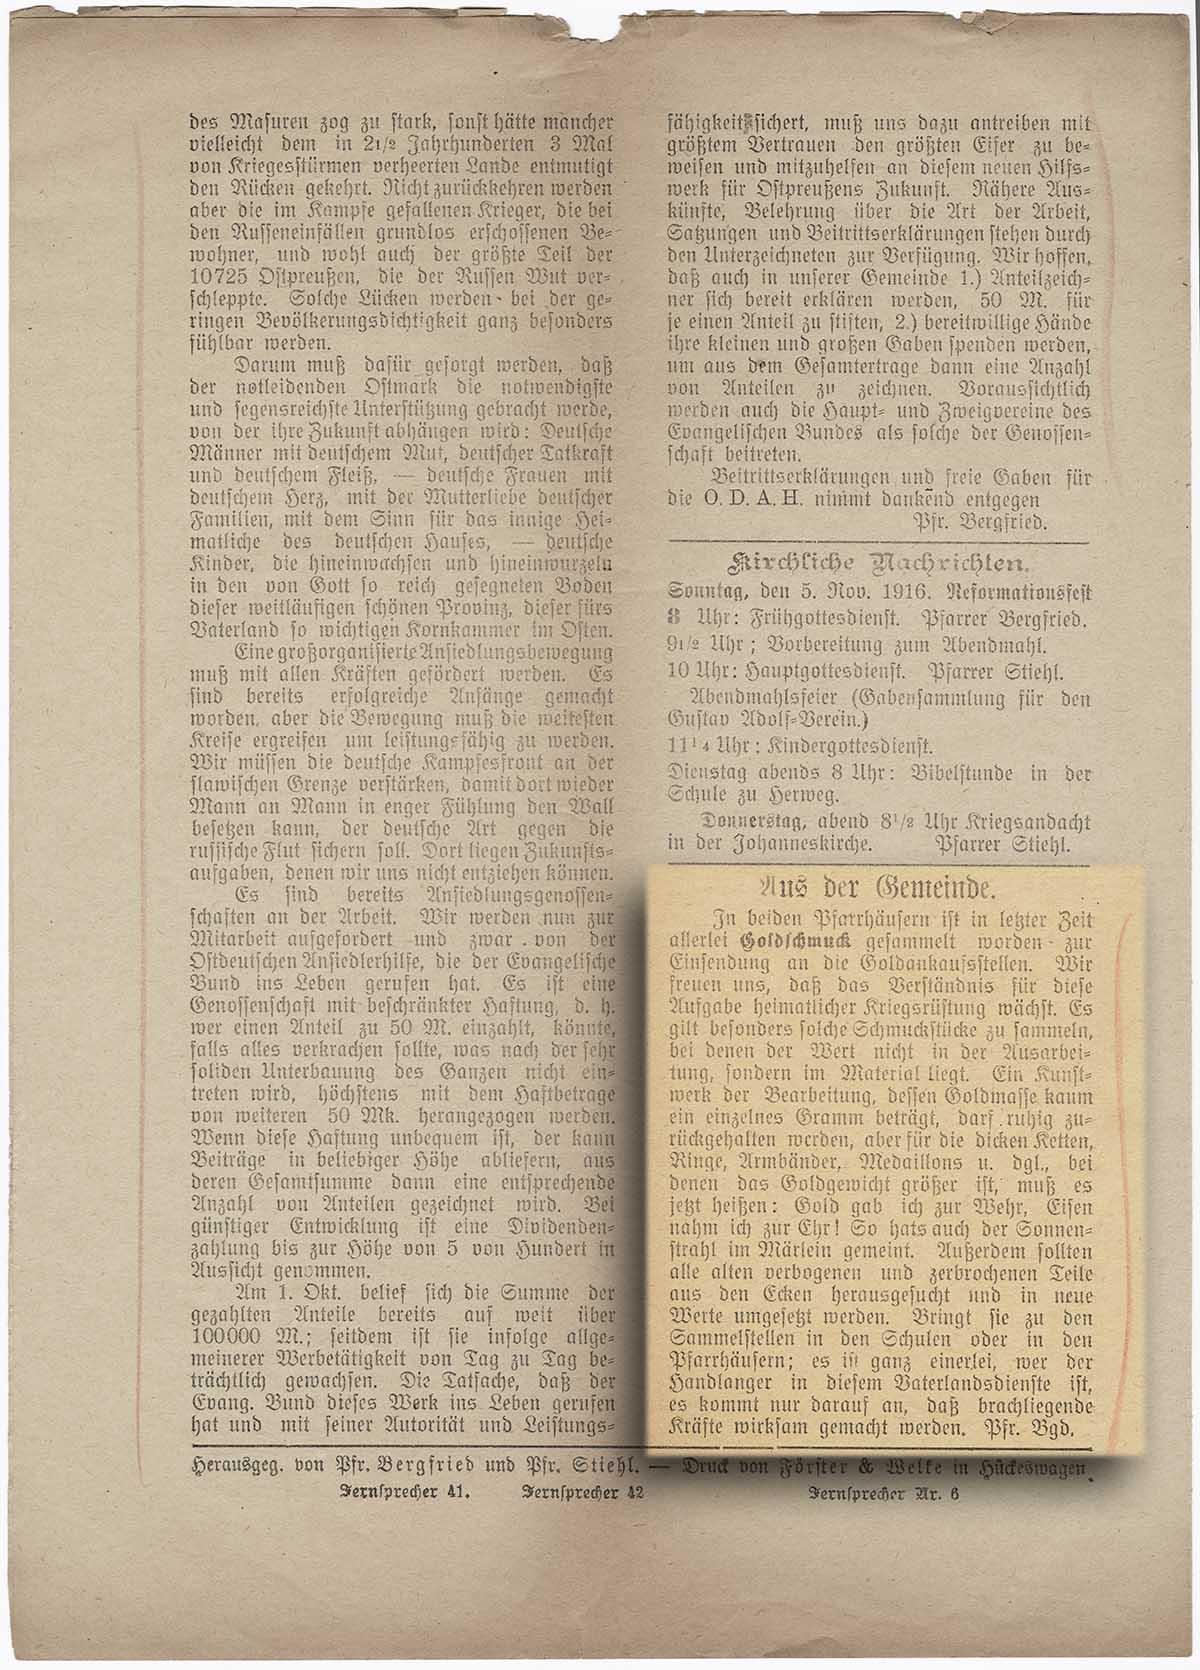 Goldankauf Gemeinde Hückeswagen, aus Bestand : AEKR Düsseldorf Bibliothek ZK 814 k Sonntagsblatt für die Evangelische Gemeinde Hückeswagen, 5. November 1916, Nr.45, Jg.19;